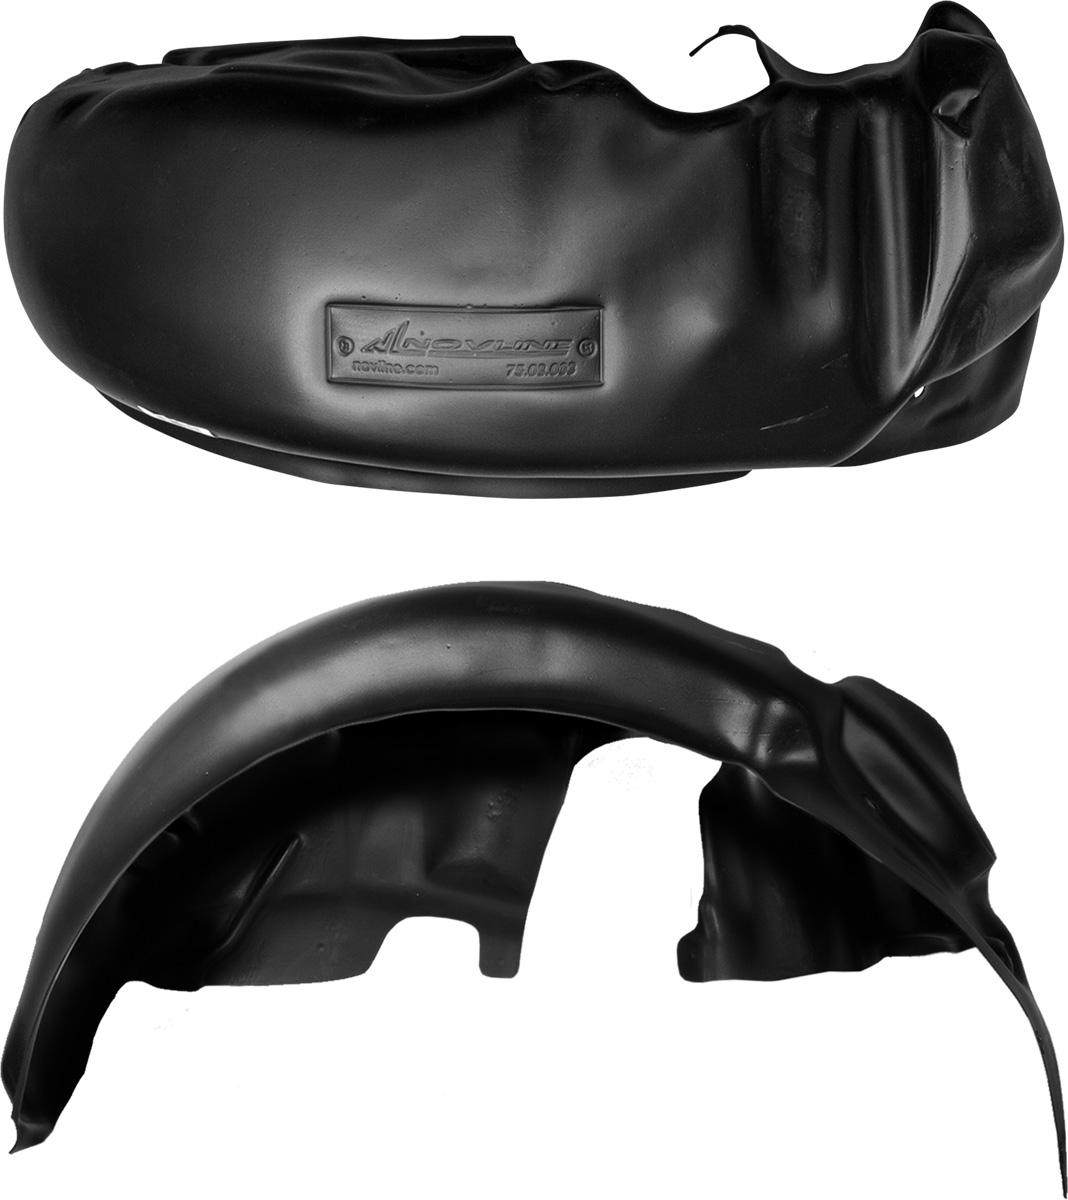 Подкрылок Novline-Autofamily, для Daewoo Gentra, 2013->, задний правыйNLL.11.10.004Колесные ниши – одни из самых уязвимых зон днища вашего автомобиля. Они постоянно подвергаются воздействию со стороны дороги. Лучшая, почти абсолютная защита для них - специально отформованные пластиковые кожухи, которые называются подкрылками, или локерами. Производятся они как для отечественных моделей автомобилей, так и для иномарок. Подкрылки выполнены из высококачественного, экологически чистого пластика. Обеспечивают надежную защиту кузова автомобиля от пескоструйного эффекта и негативного влияния, агрессивных антигололедных реагентов. Пластик обладает более низкой теплопроводностью, чем металл, поэтому в зимний период эксплуатации использование пластиковых подкрылков позволяет лучше защитить колесные ниши от налипания снега и образования наледи. Оригинальность конструкции подчеркивает элегантность автомобиля, бережно защищает нанесенное на днище кузова антикоррозийное покрытие и позволяет осуществить крепление подкрылков внутри колесной арки практически без дополнительного крепежа и сверления, не нарушая при этом лакокрасочного покрытия, что предотвращает возникновение новых очагов коррозии. Технология крепления подкрылков на иномарки принципиально отличается от крепления на российские автомобили и разрабатывается индивидуально для каждой модели автомобиля. Подкрылки долговечны, обладают высокой прочностью и сохраняют заданную форму, а также все свои физико-механические характеристики в самых тяжелых климатических условиях (от -50° С до + 50° С).